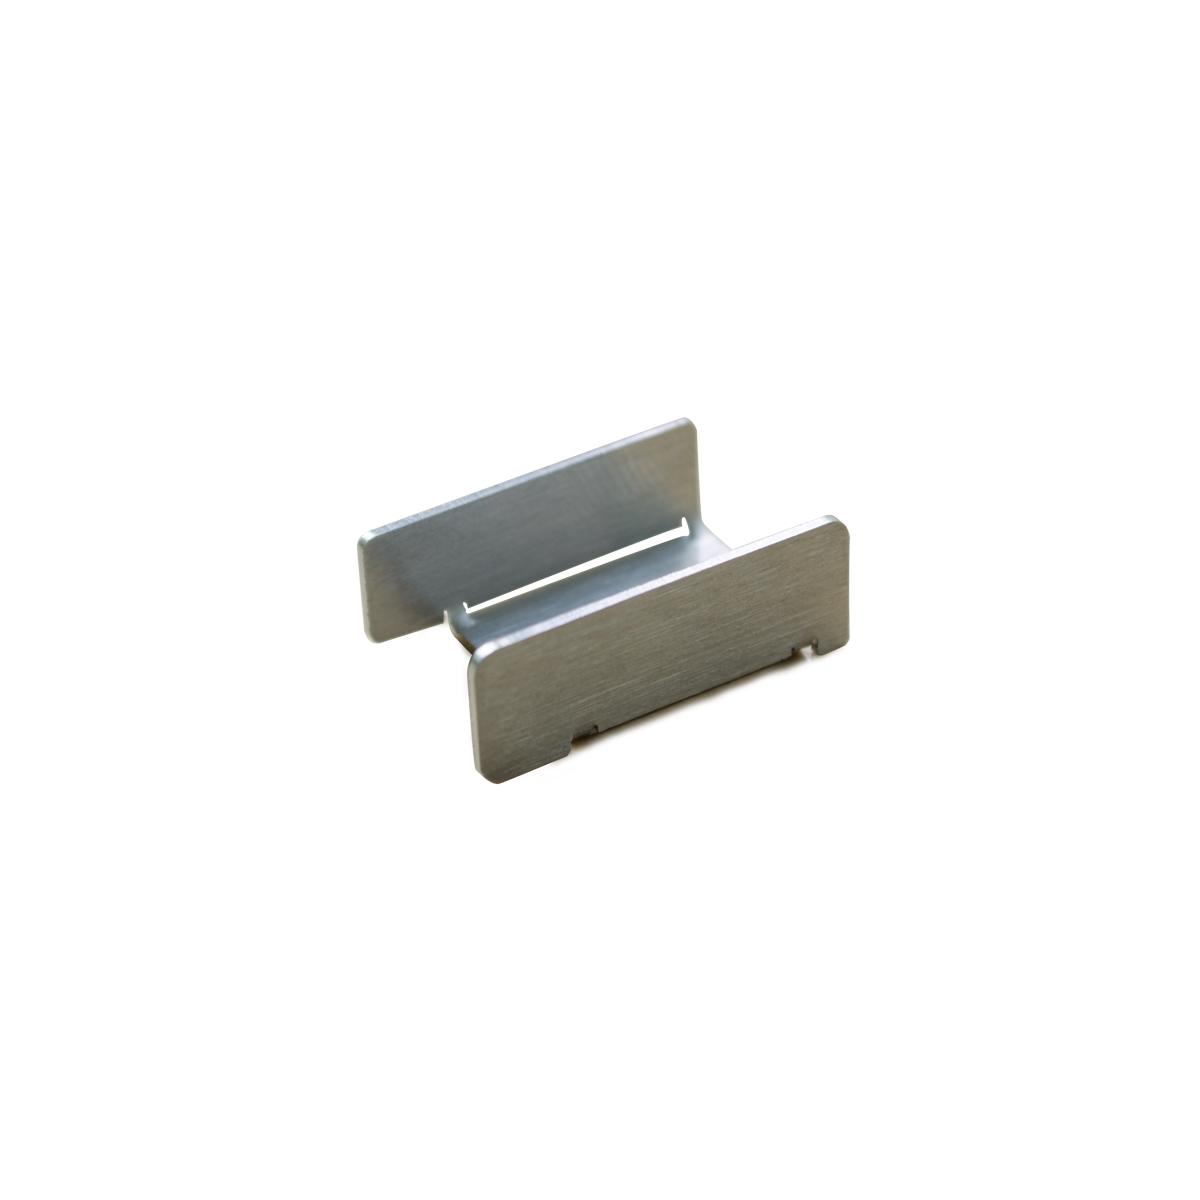 Profili per gradini Accessori Stairtec FIT Profilitec